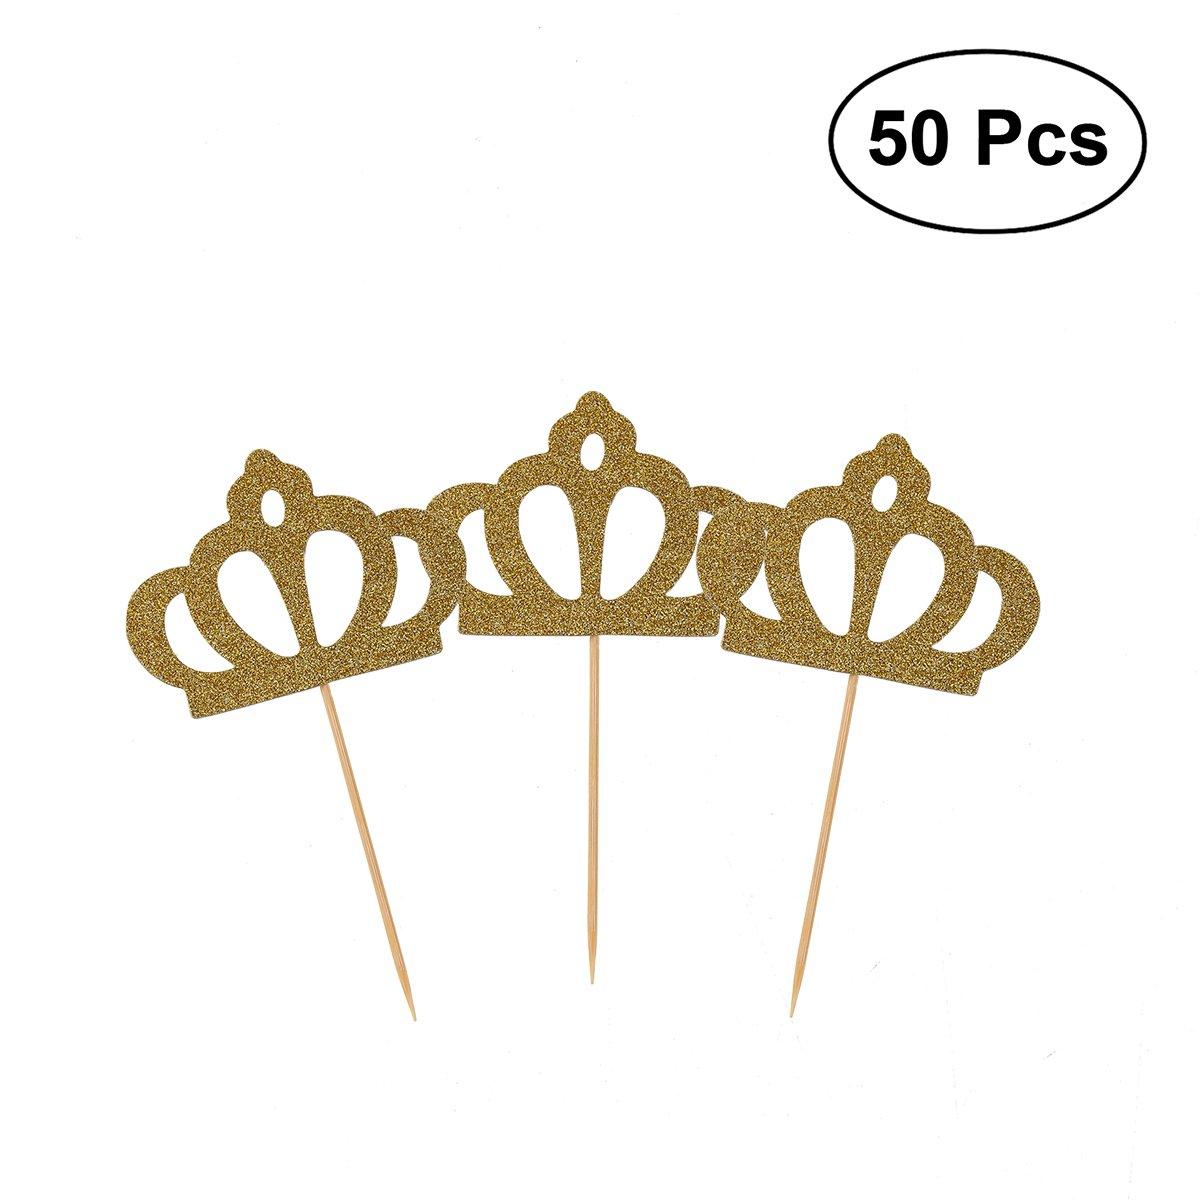 ounona 50 unidades Cupcake Toppers dorado con purpurina ...